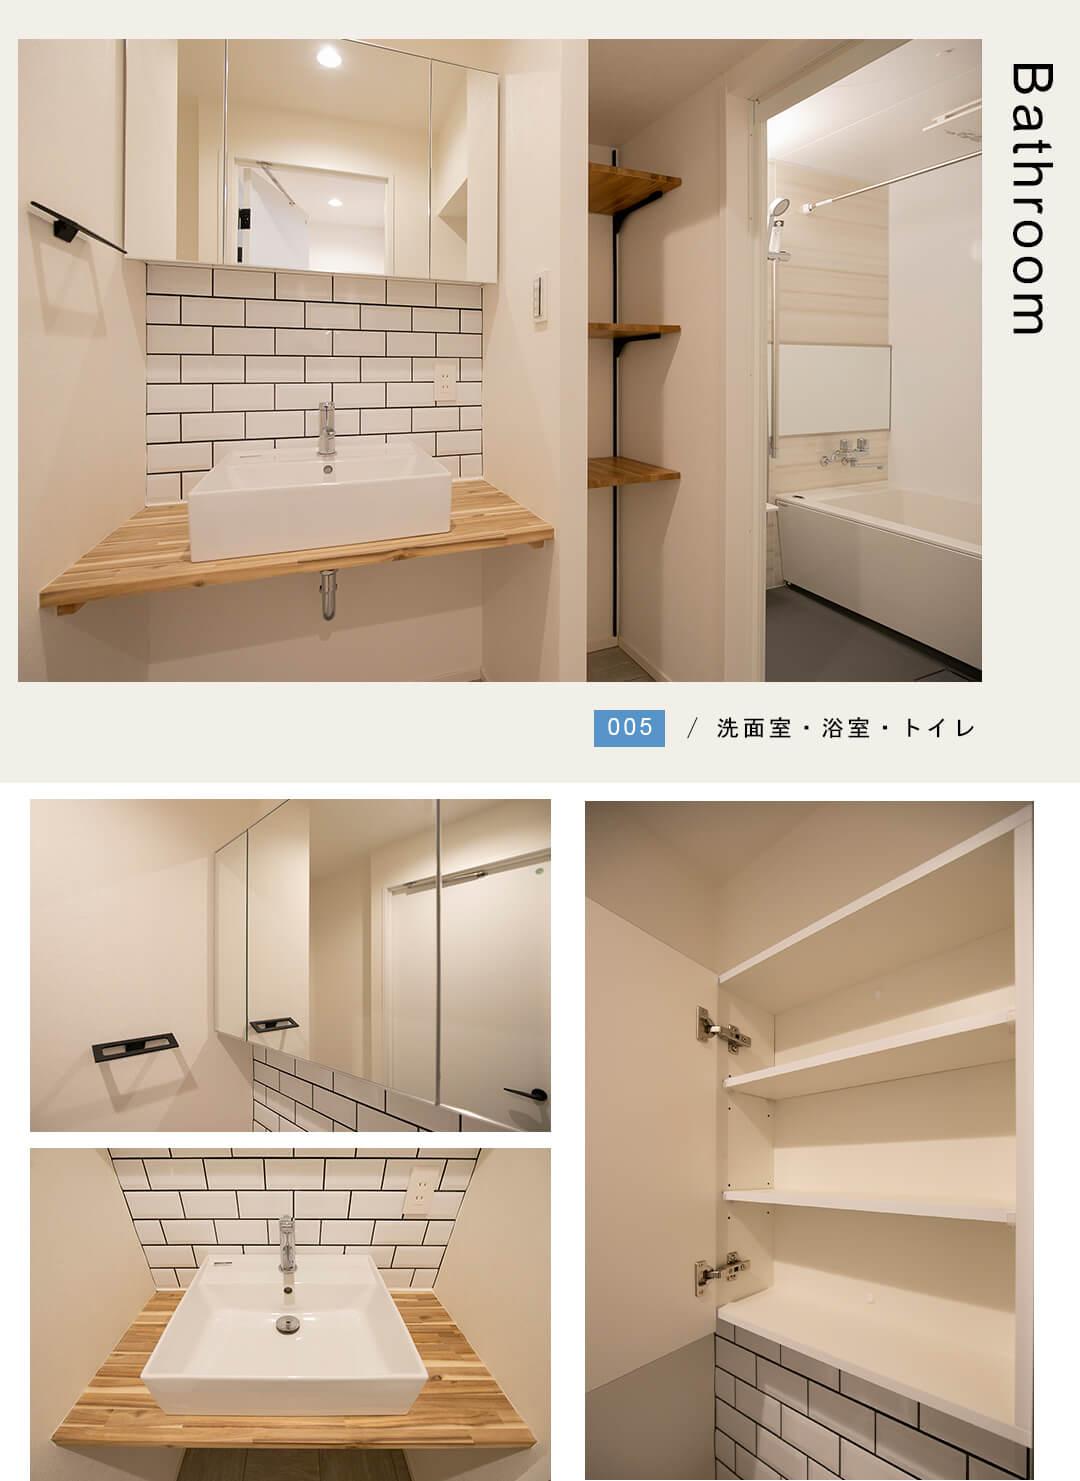 早稲田セントラルハイツの洗面室